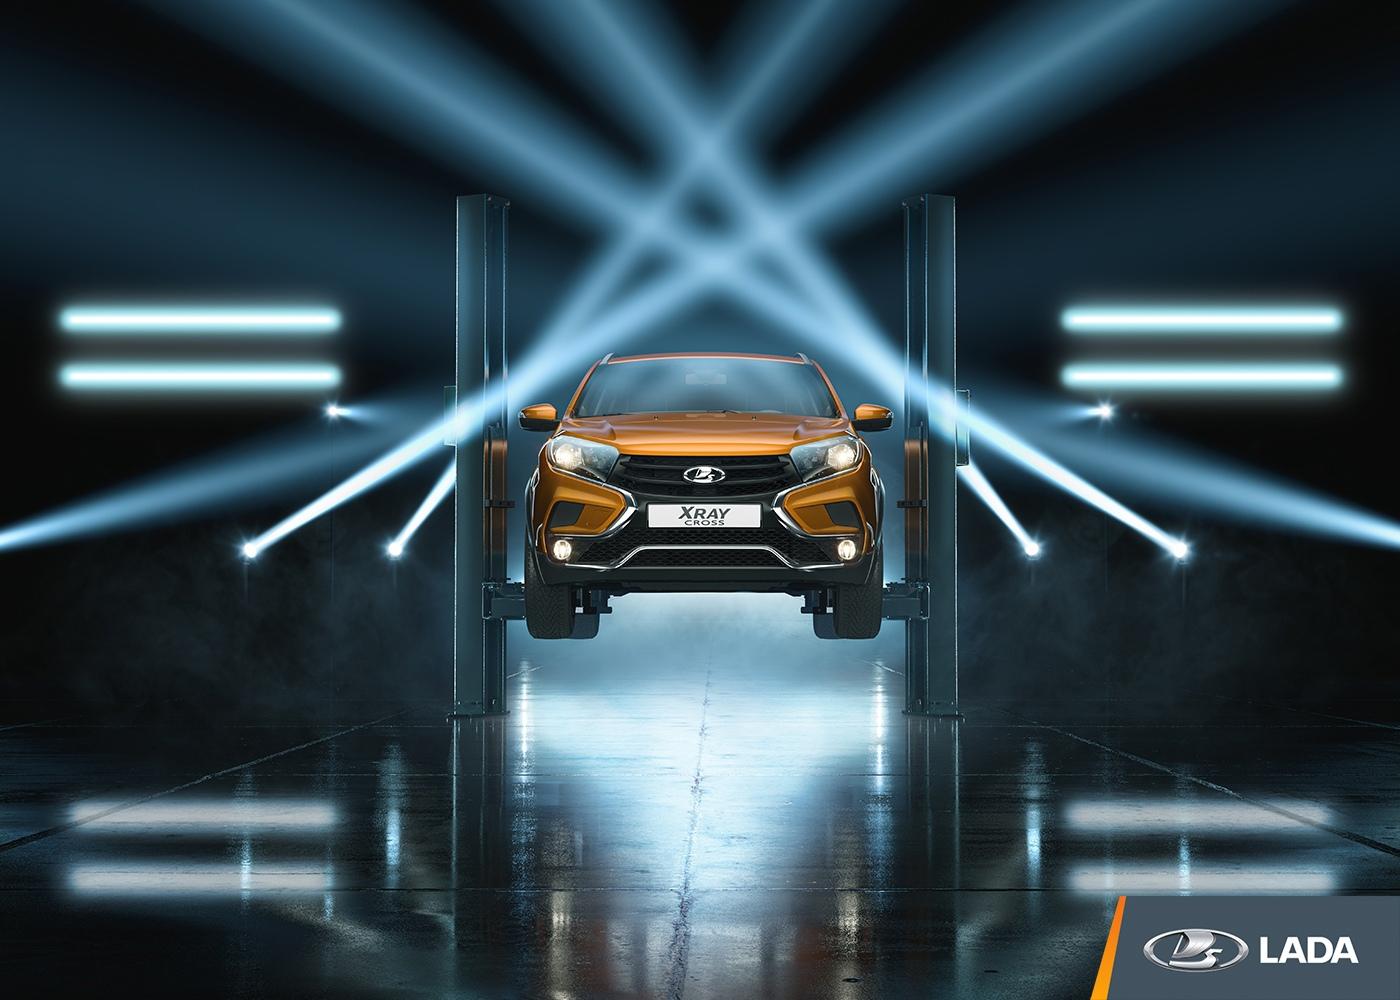 Взгляните на сезон по-новому со специальными предложениями для вашего автомобиля LADA.